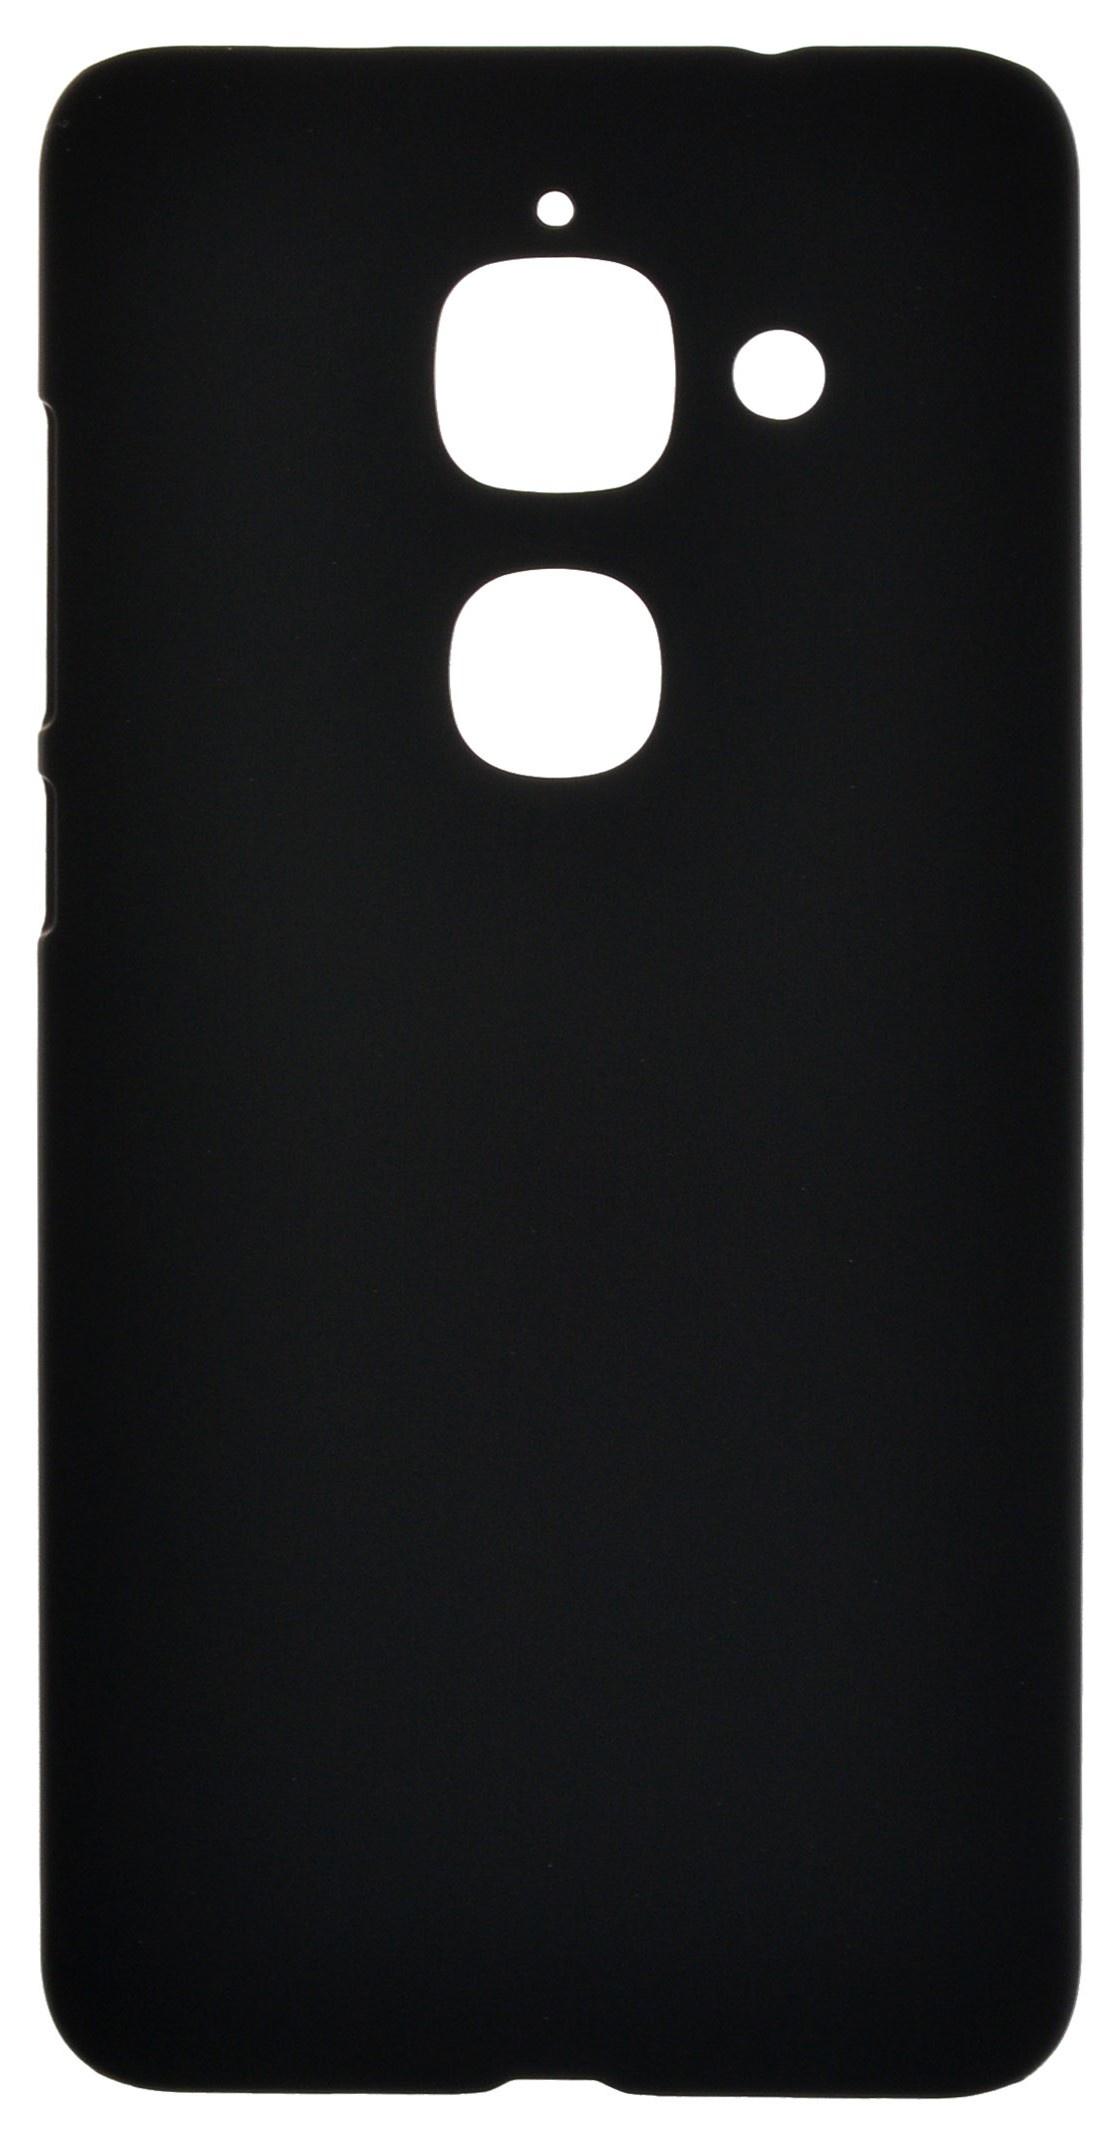 Чехол для сотового телефона skinBOX 4People, 4660041407723, черный skinbox 4people чехол для asus zenfone 2 ze551ml ze550ml